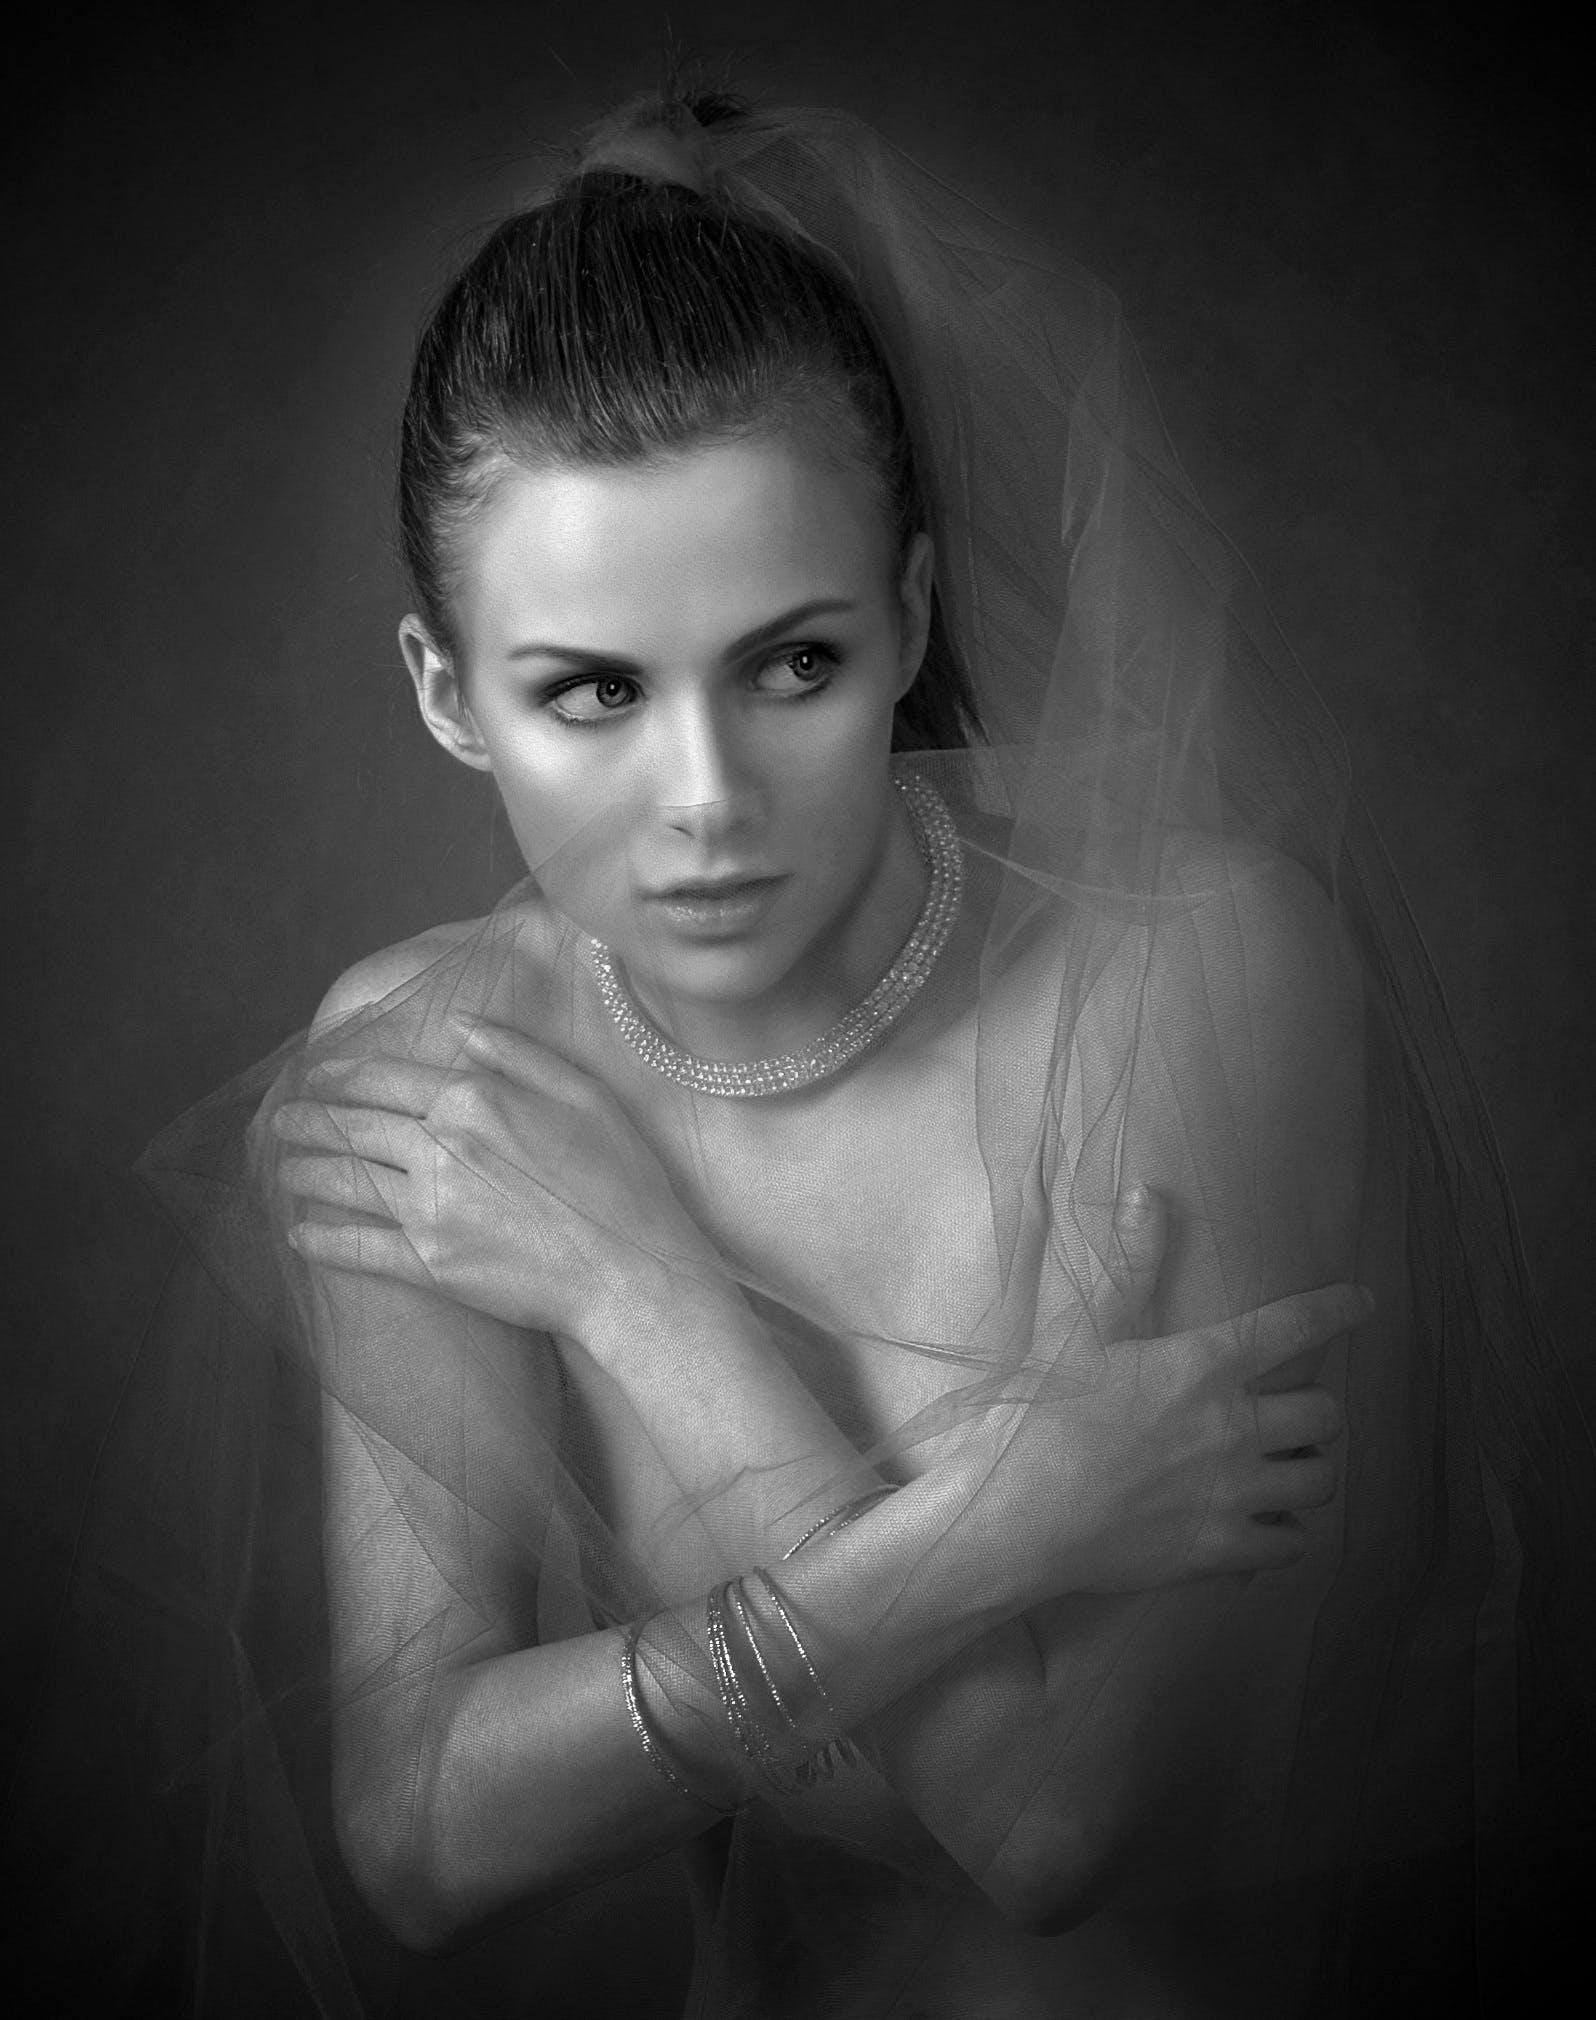 個性, 女人, 性感的, 成人 的 免费素材照片